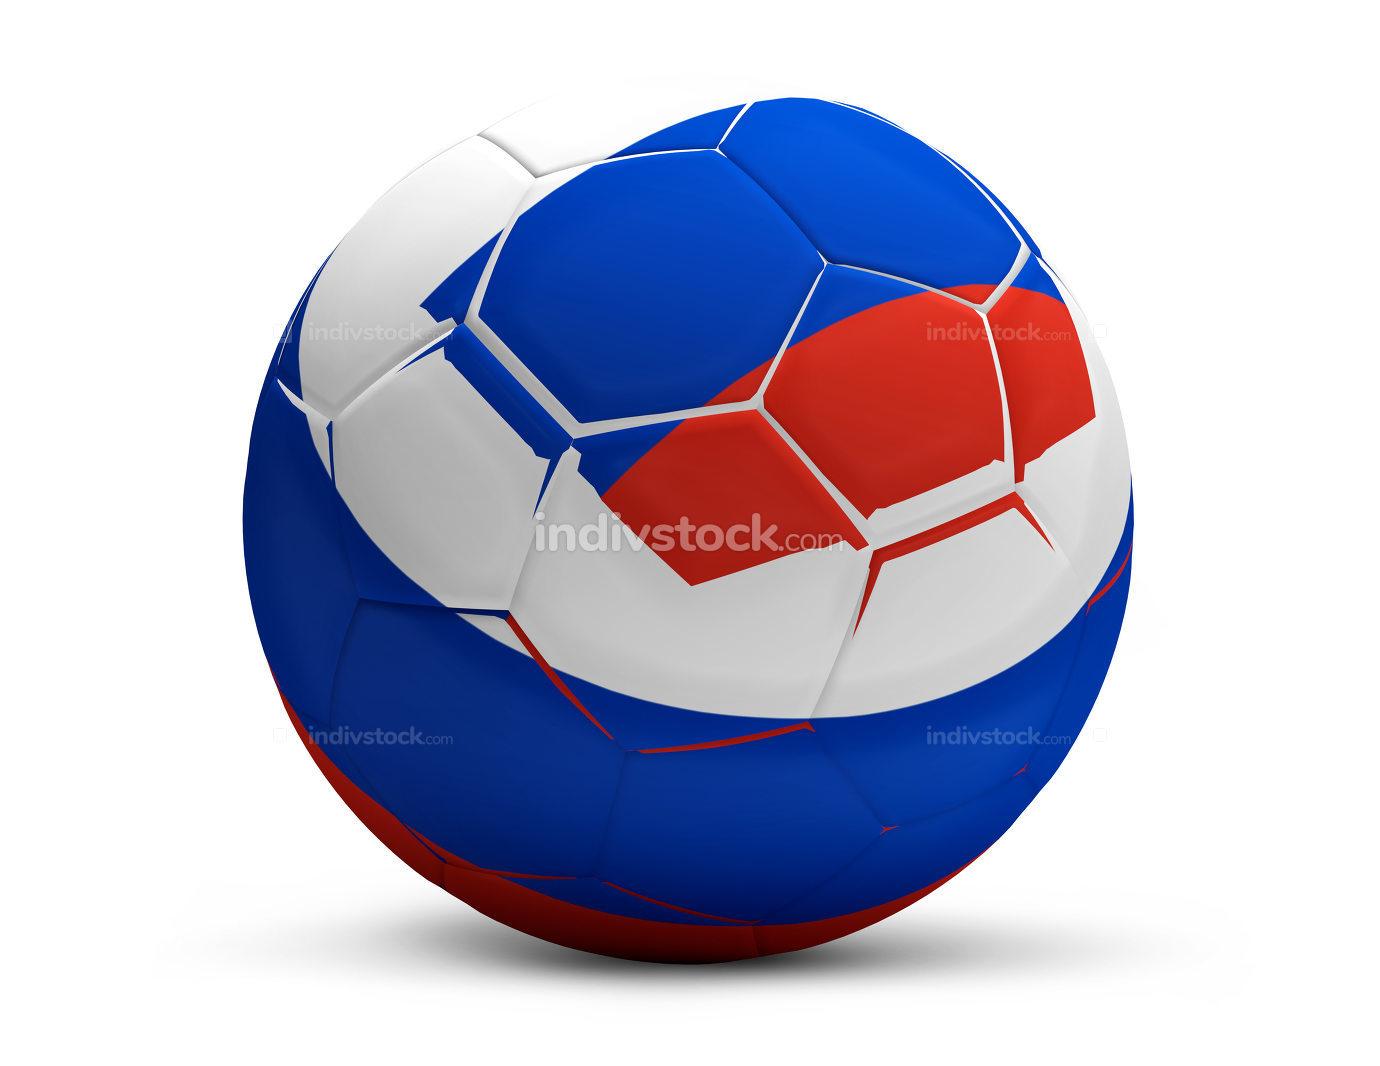 soccer football ball white 3d rendering isolated